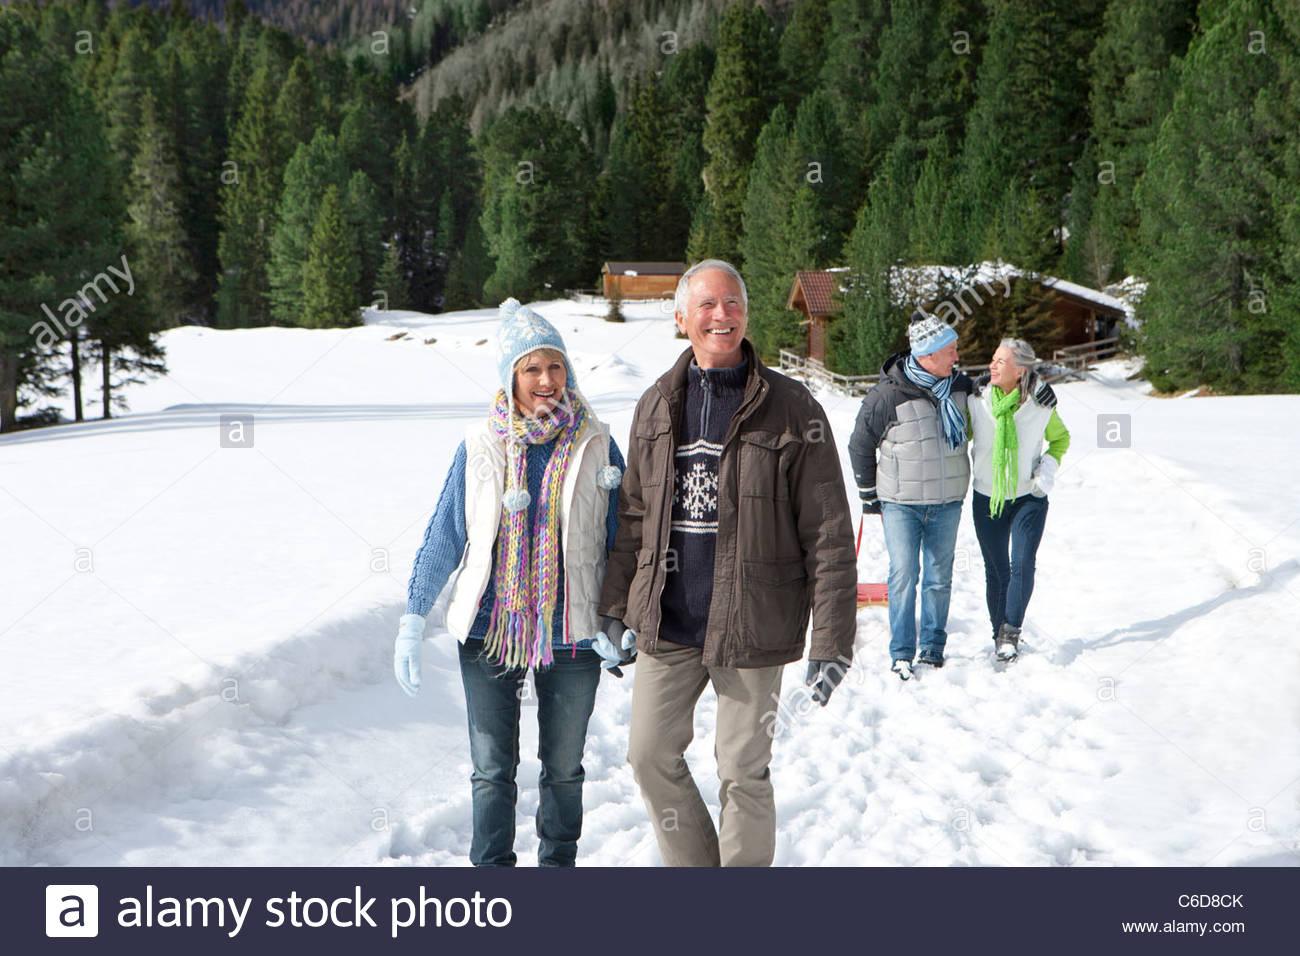 Los matrimonios tomados de la mano y caminar en el bosque cubierto de nieve fuera de cabañas Foto de stock